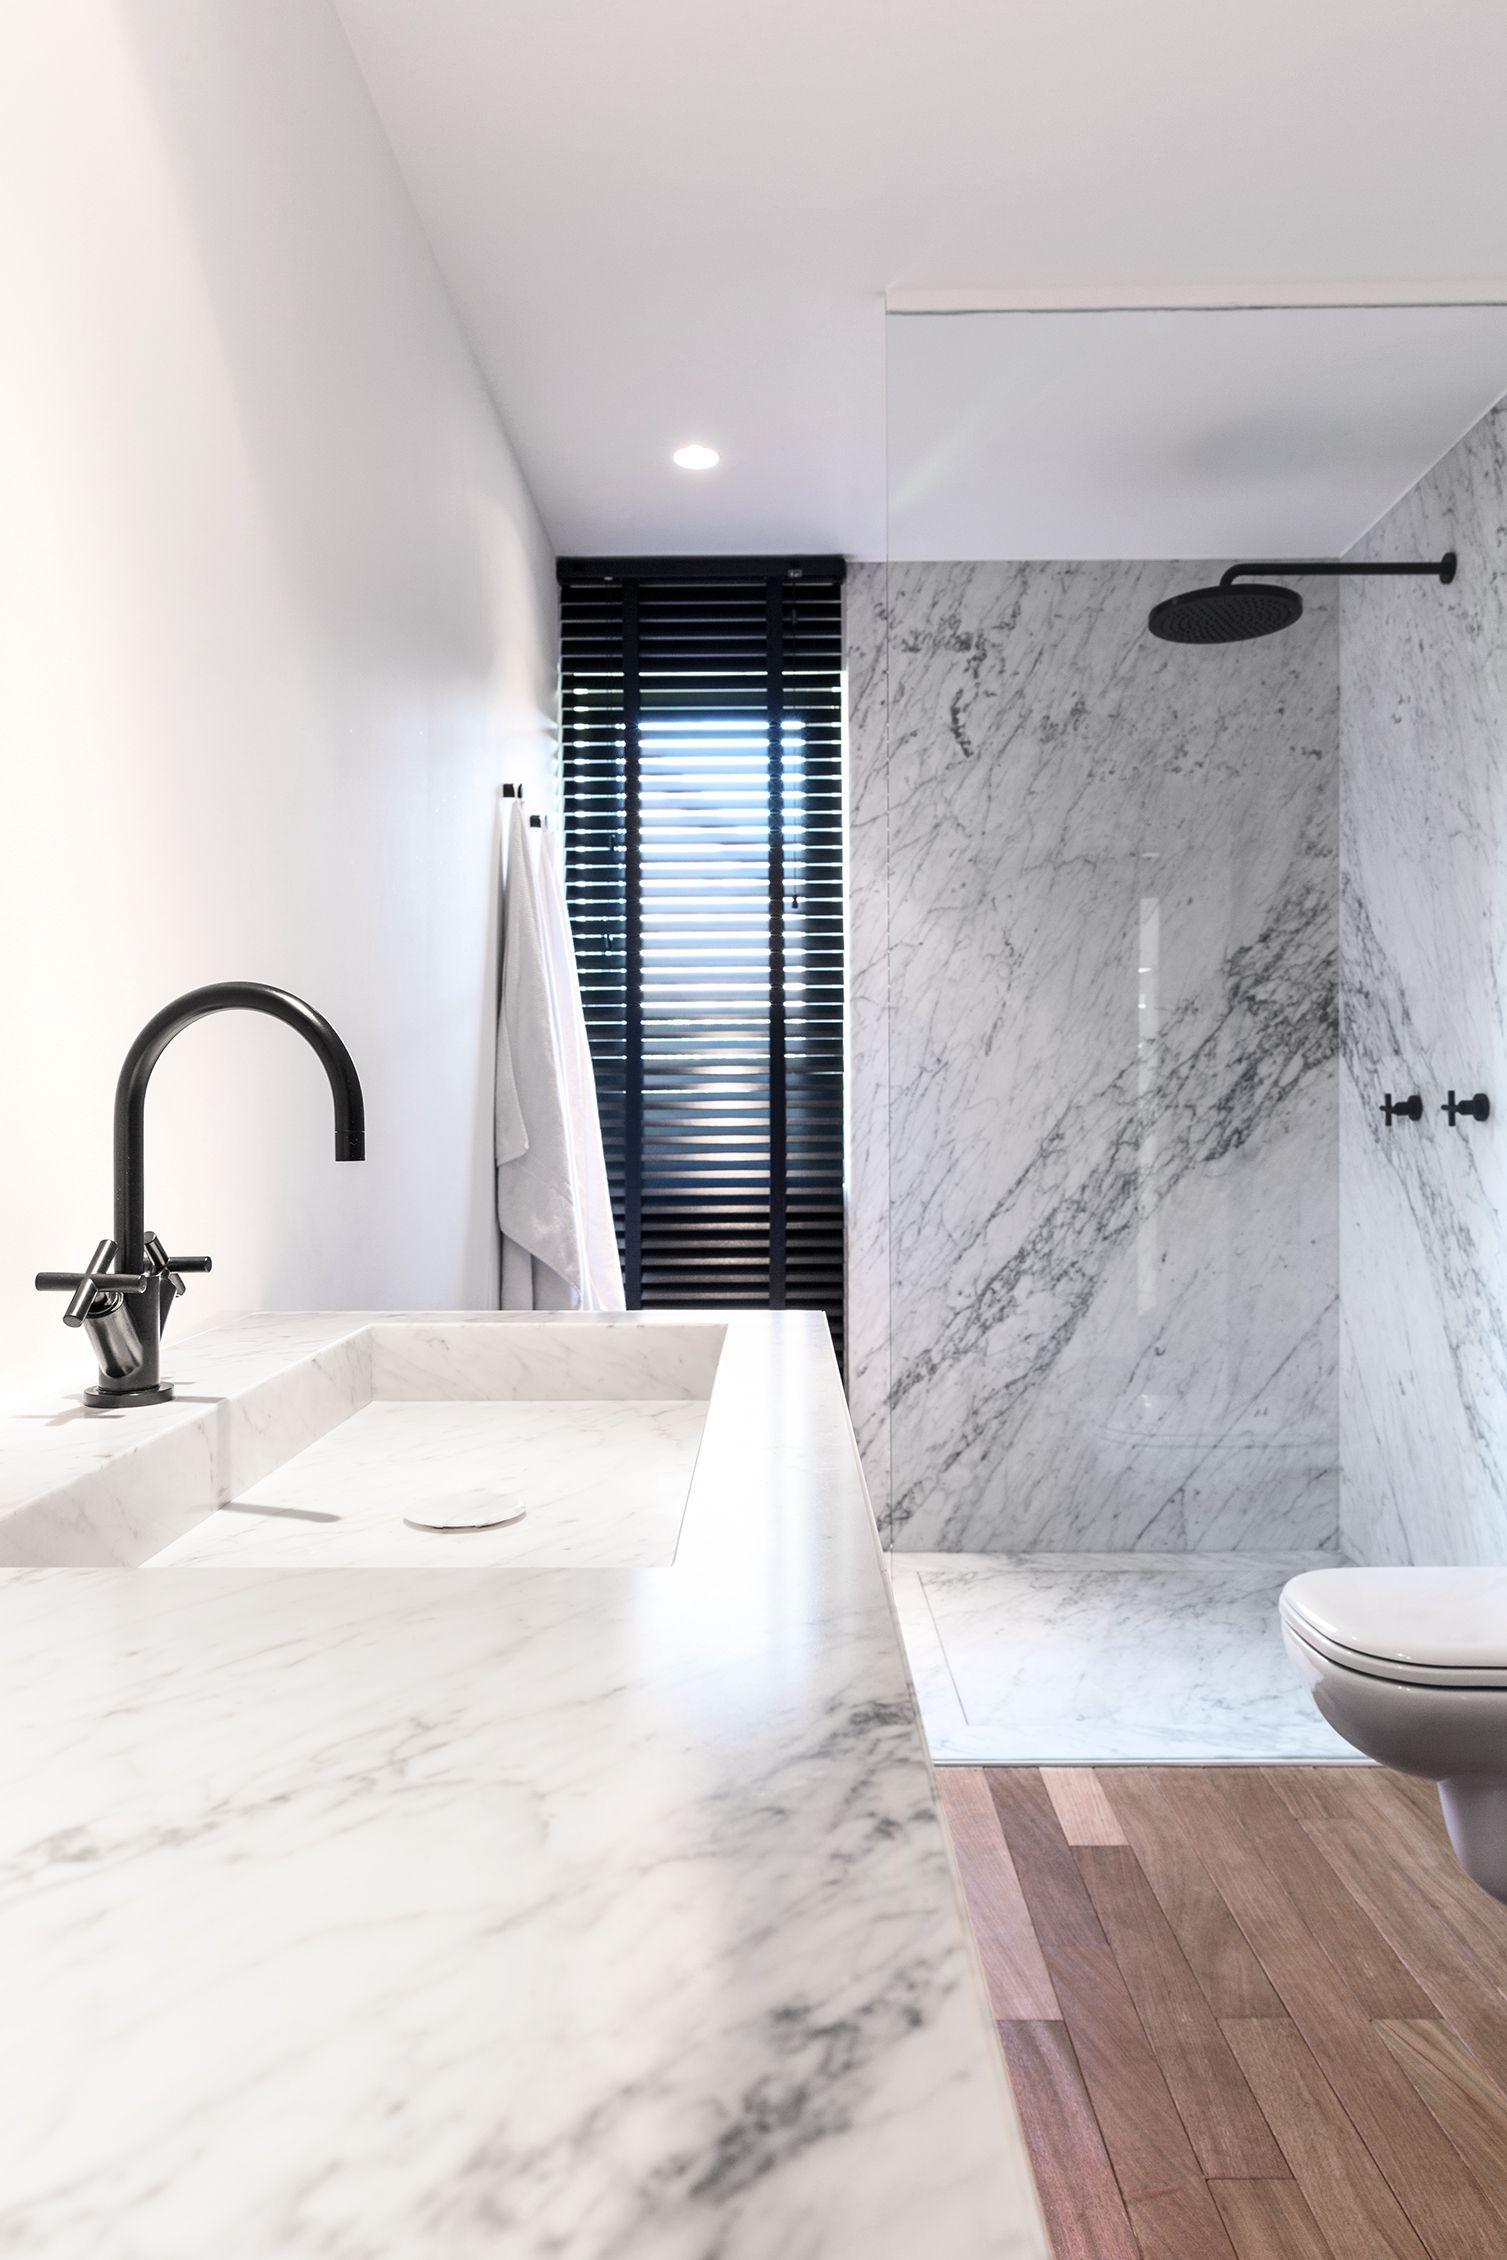 modern luxury bathroom design ideas for your home | www.bocadolobo ...